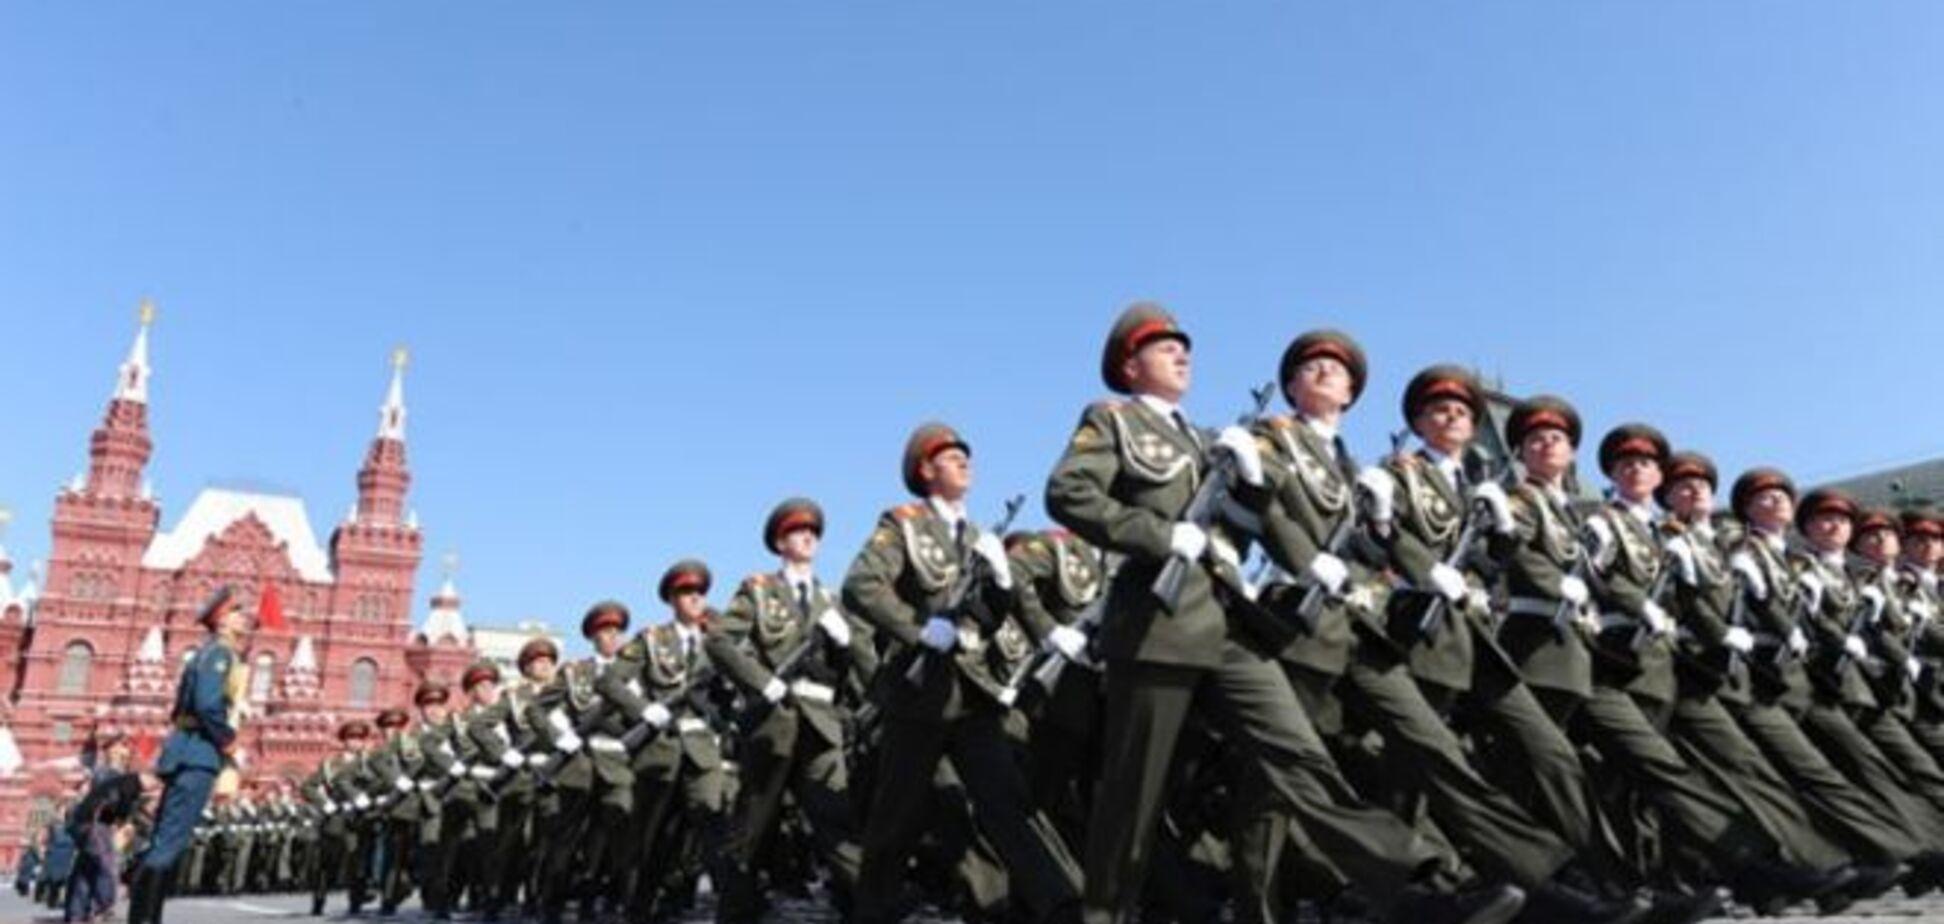 Российские СМИ похвастали, что на путинский парад 9 мая в Москву приедут 30 глав государств